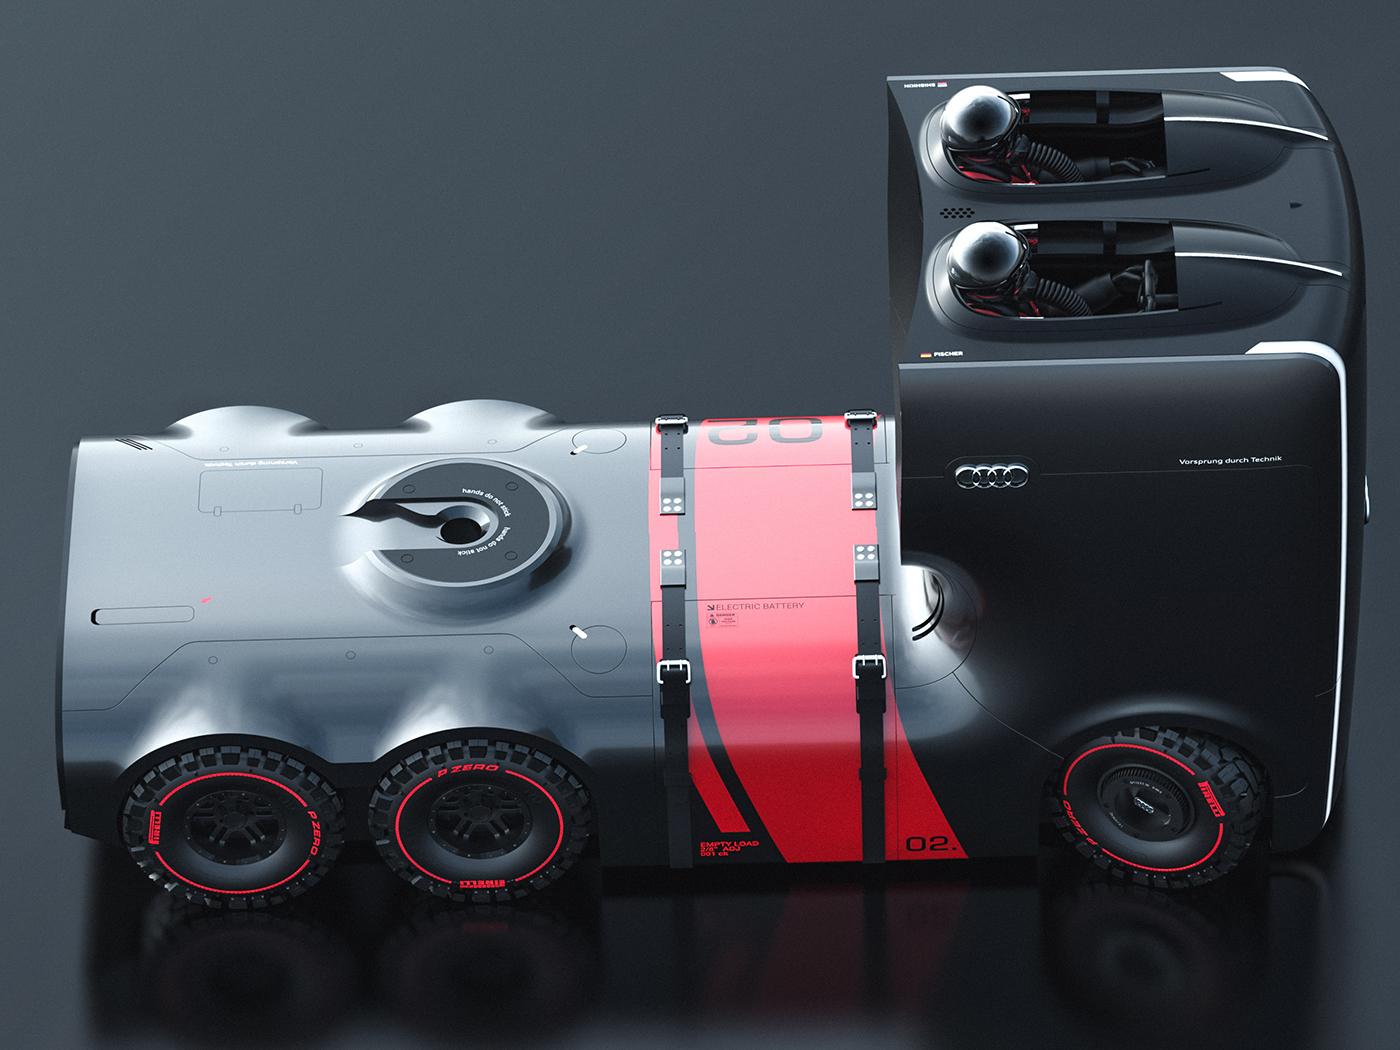 รถบรรทุกต้นแบบ Audi Truck Concept ห้องควบคุมที่ได้แรงบันดาลใจจากสตาวอร์